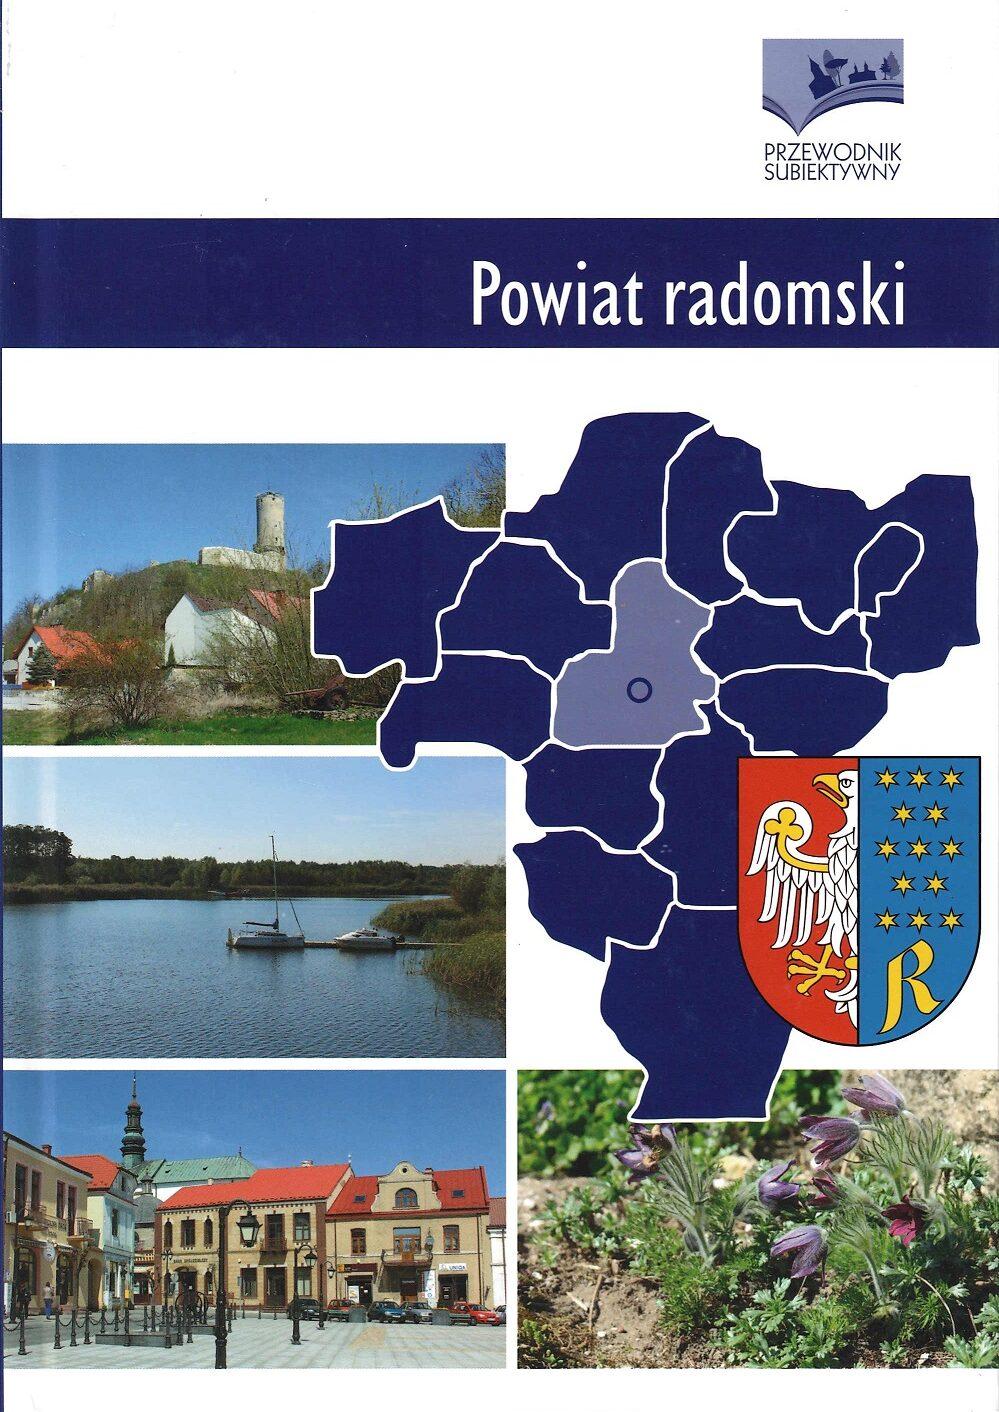 okładka książki - Powiat radomski